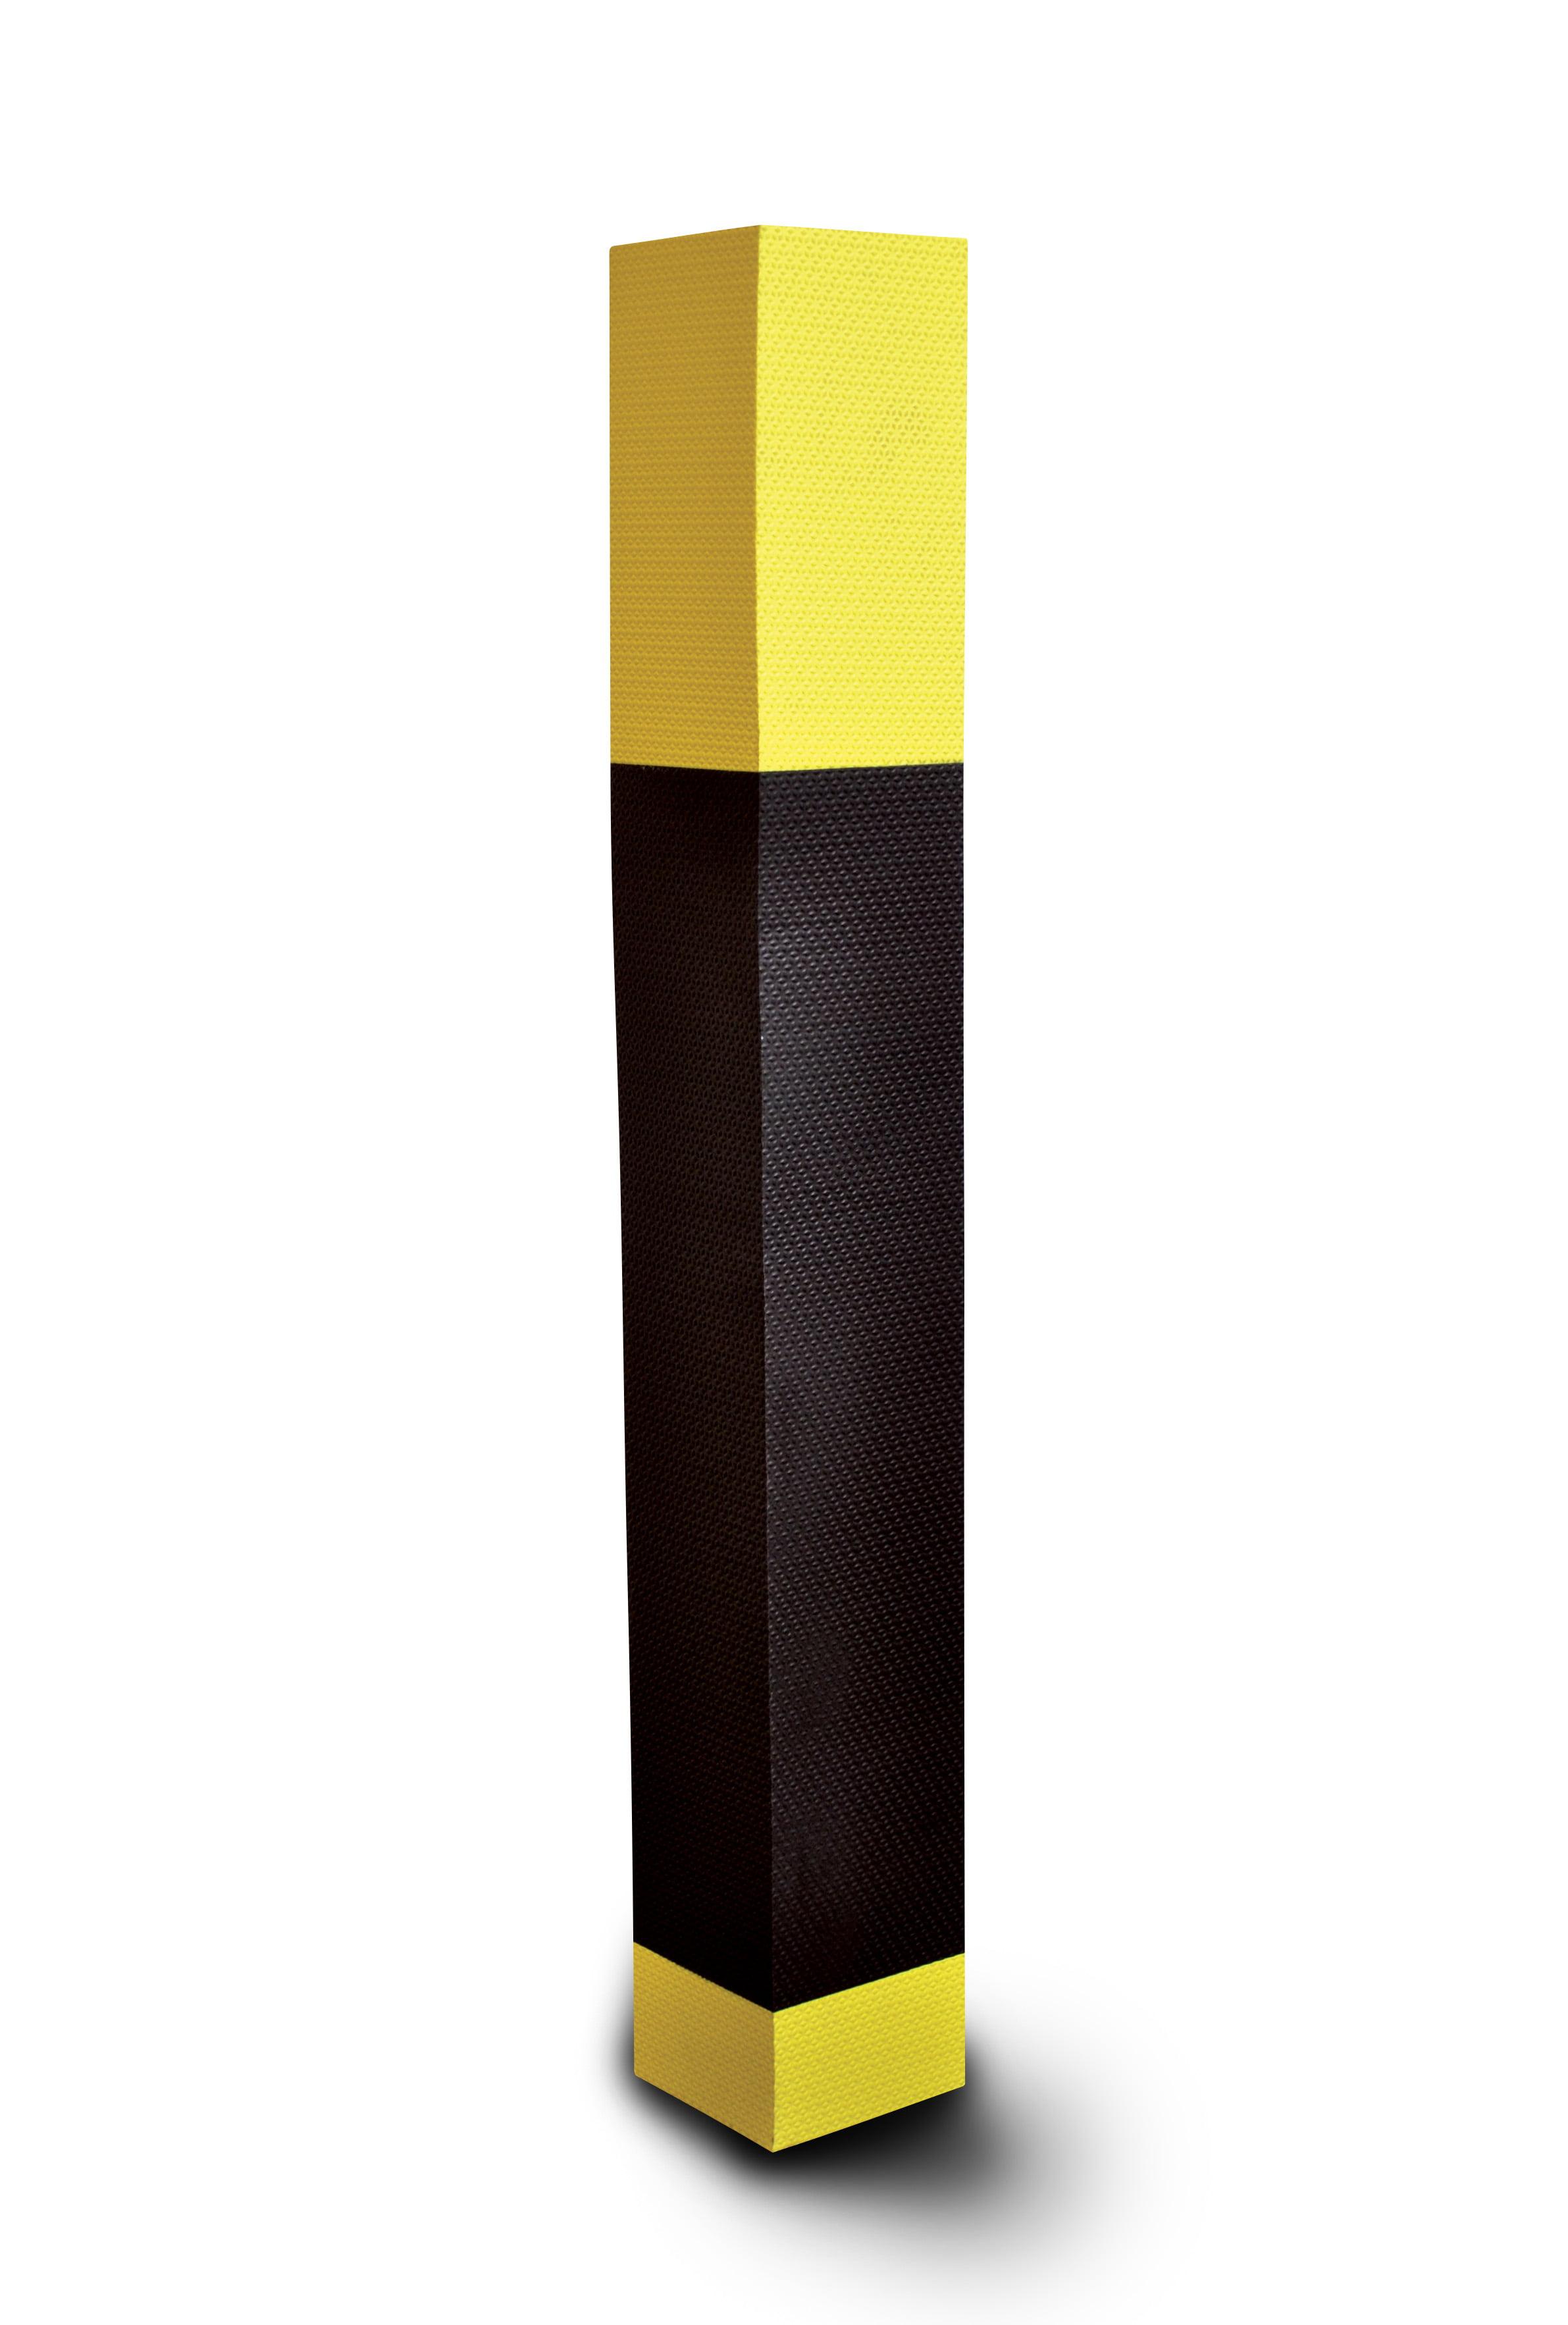 Cantoneira Altura:85cm Aba:10cm Esp: 1.5cm